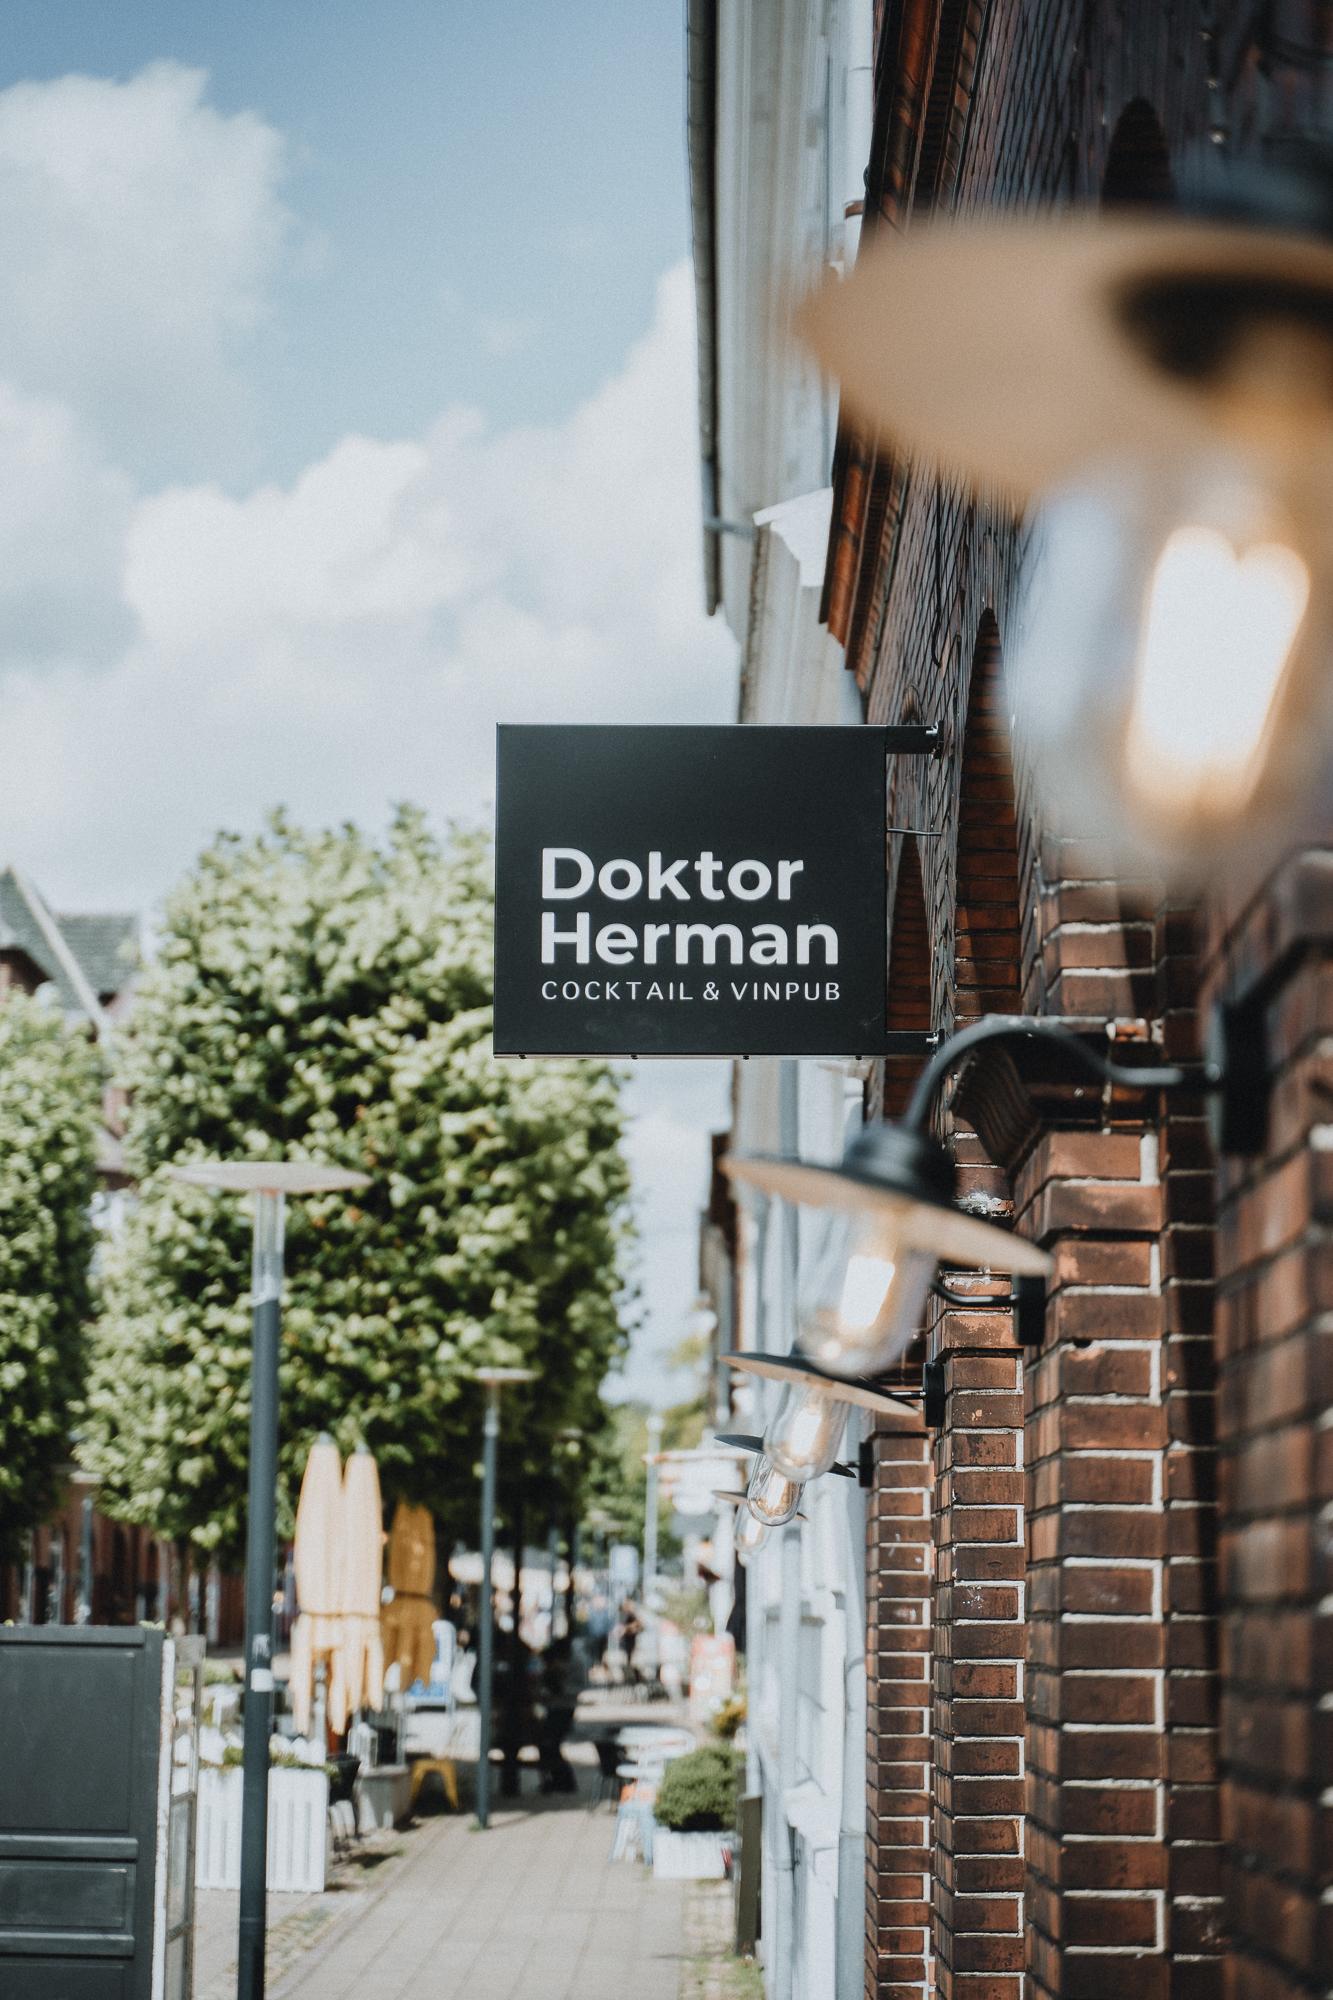 Doktor Herman